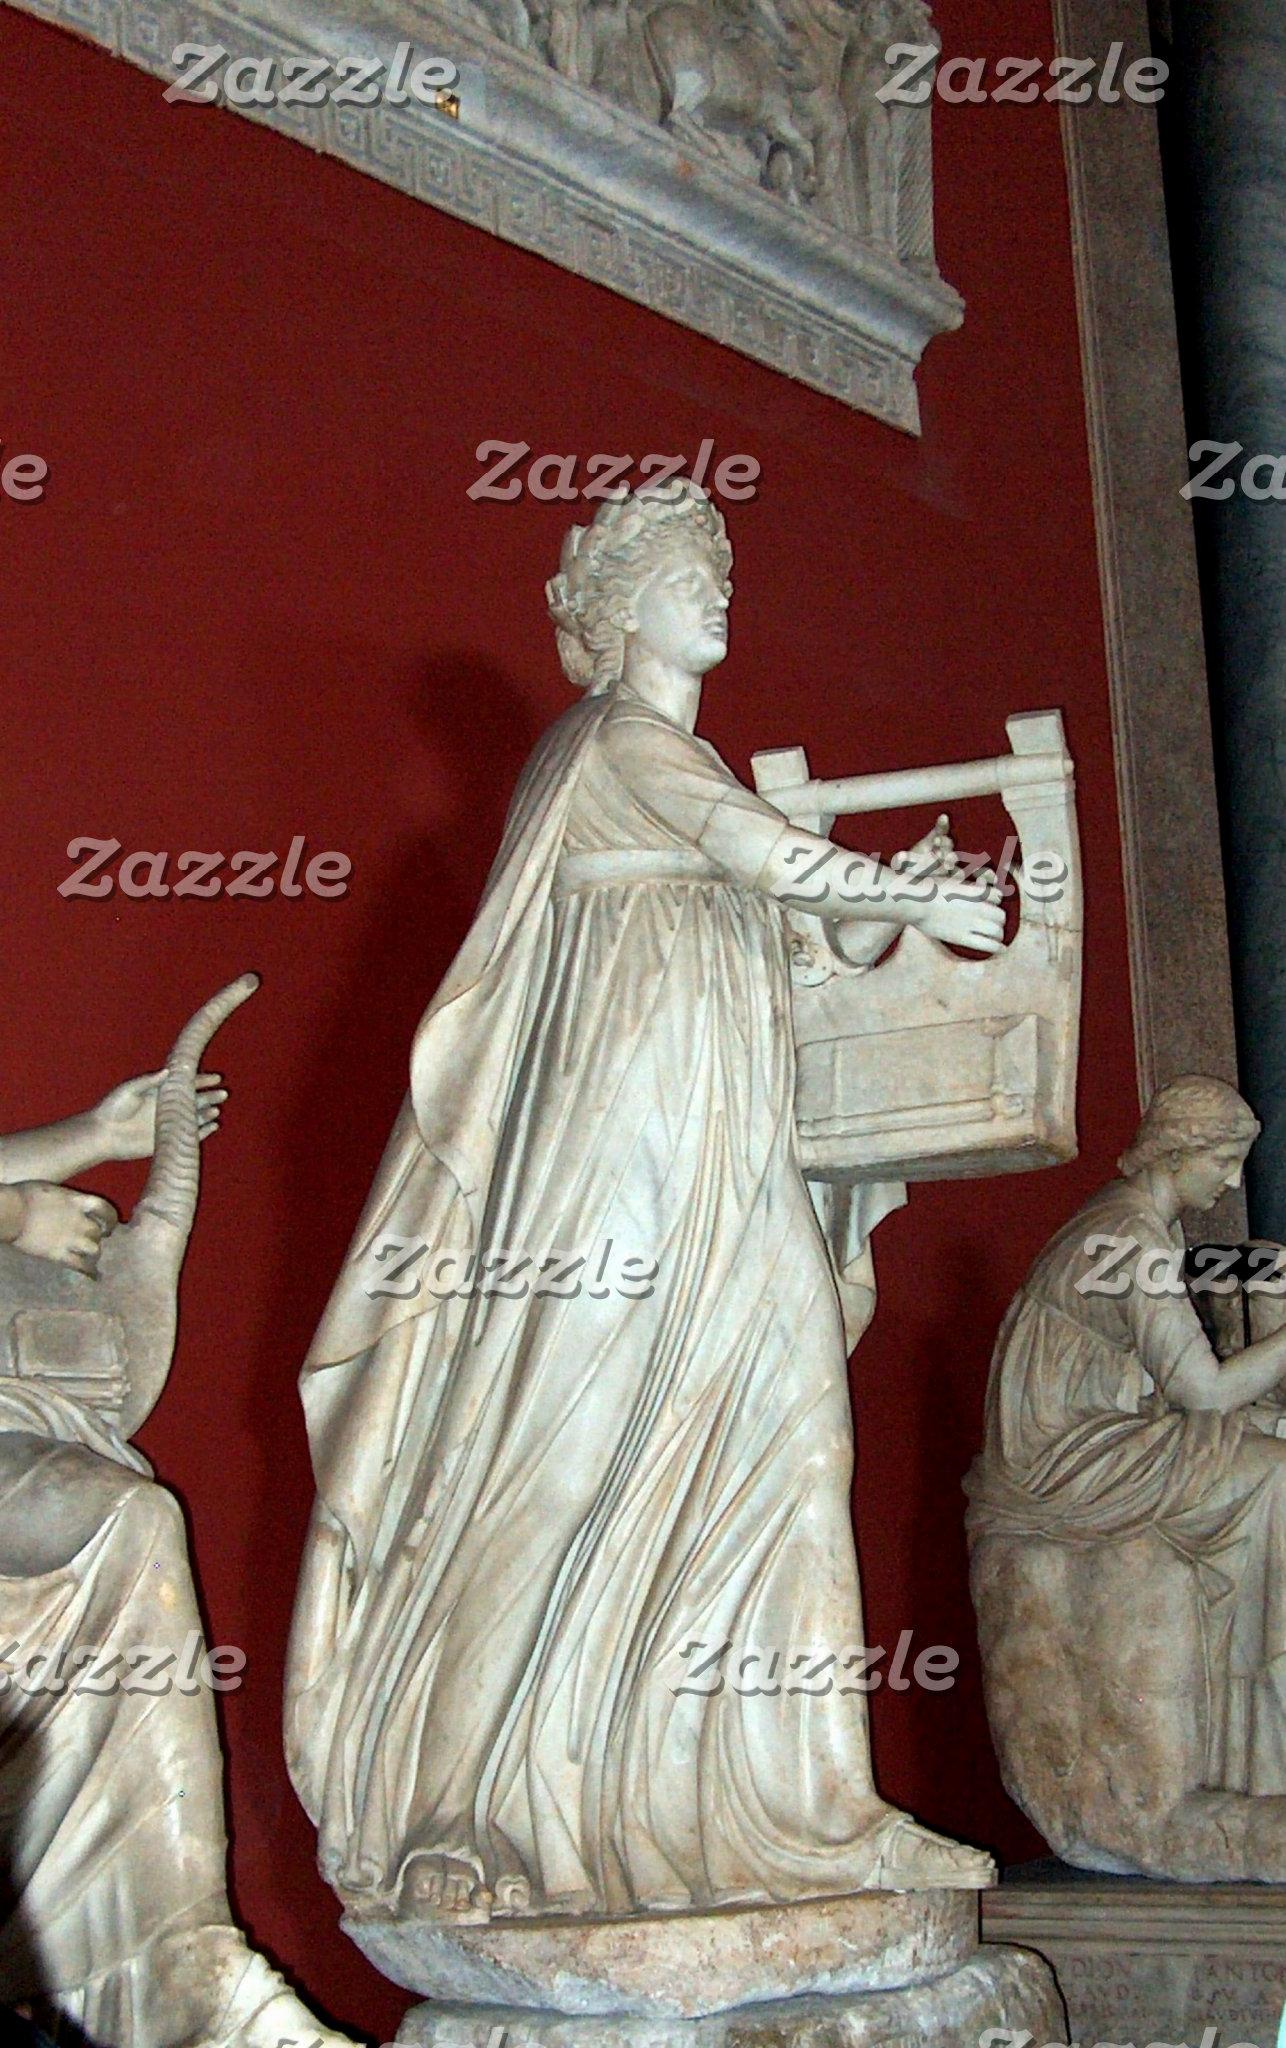 Apollo Statue in the Vatican Museum